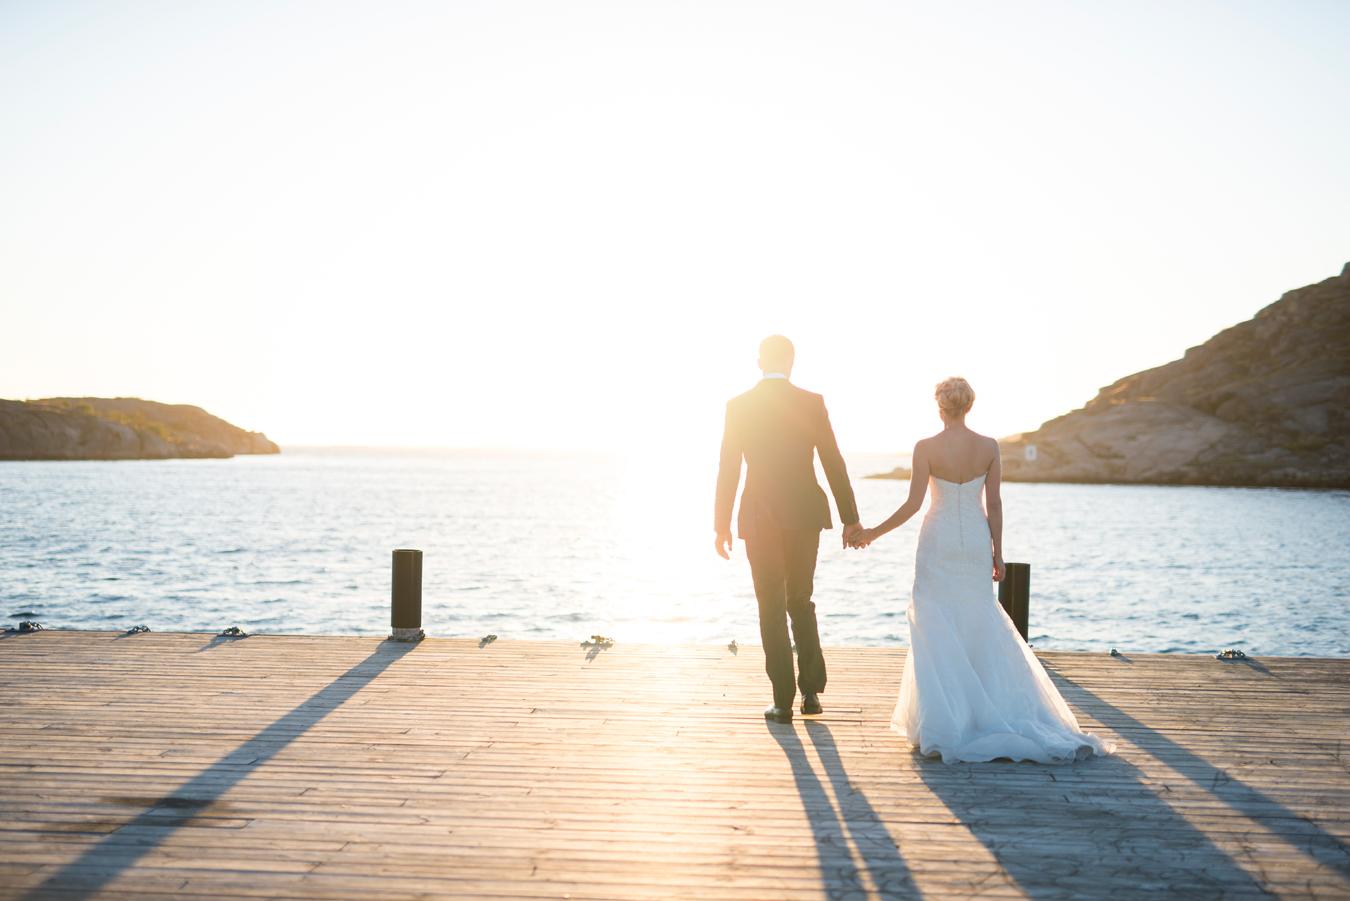 065-bröllopsfotograf-ulebergshamn-göteborg-neas-fotografi.jpg